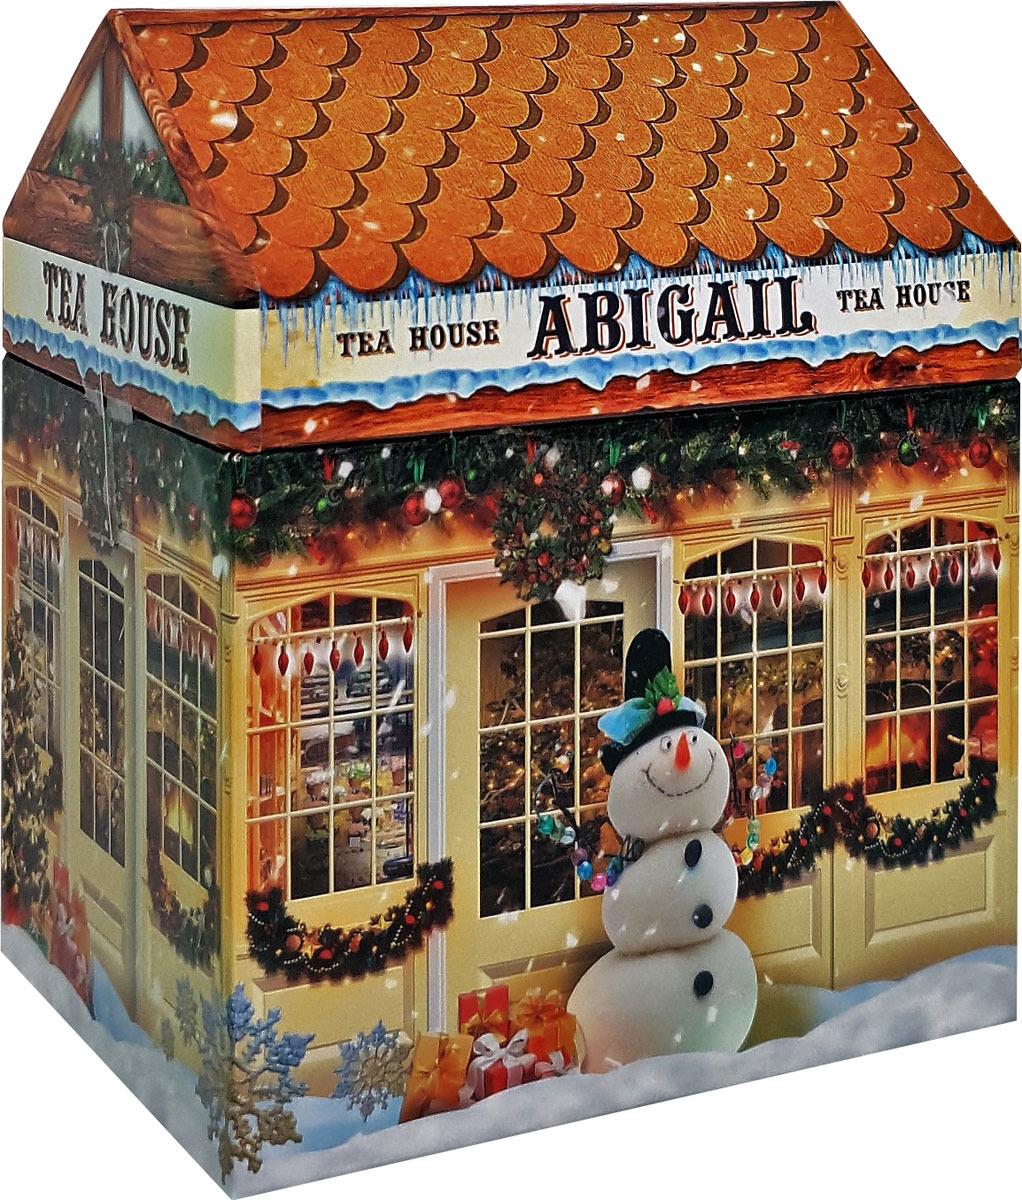 Чай листовой Abigail Чайный домик со снеговиком, сенча, 85 г чай листовой abigail чайный домик со снеговиком жасминовая спираль 50 г